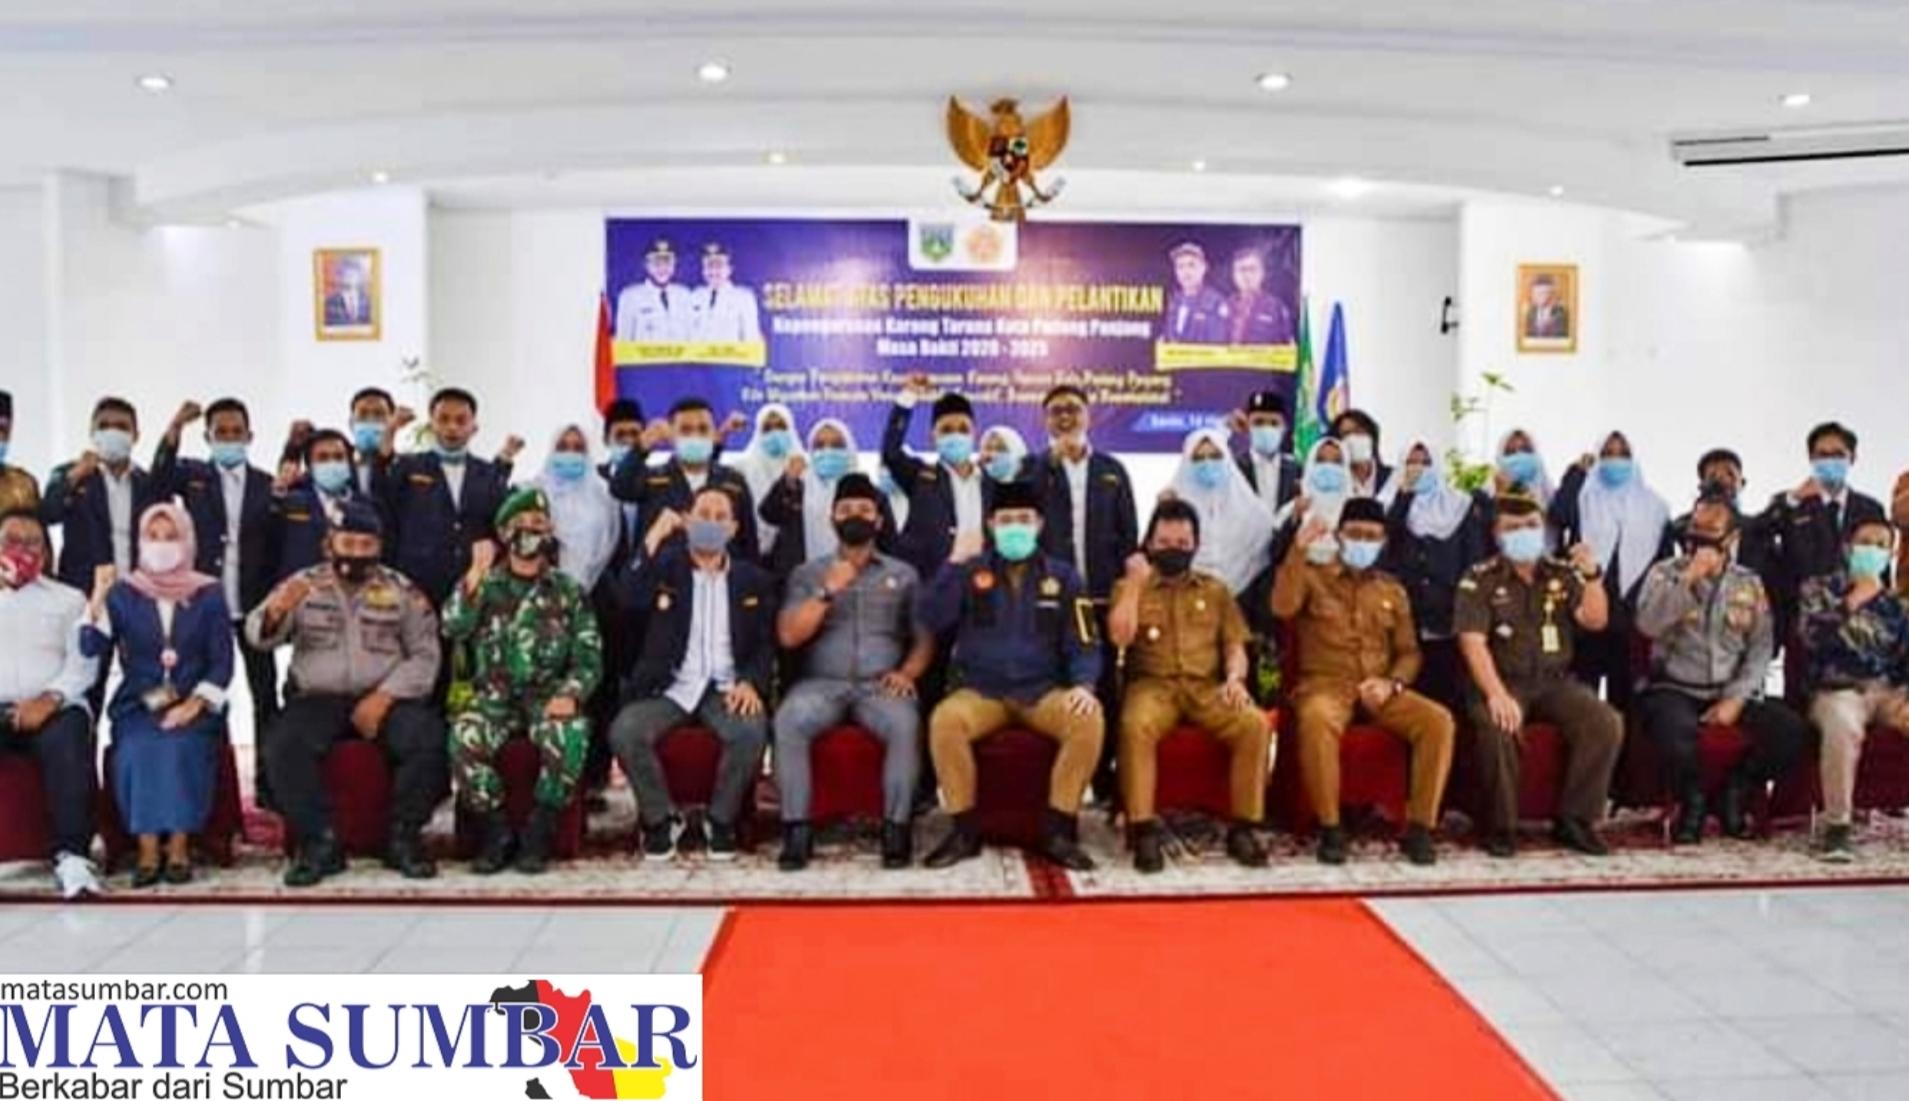 Pengurus Karang Taruna Padang Panjang di Lantik, Walikota : Jadikan Organisasi Sebagai Pelopor Pembangunan